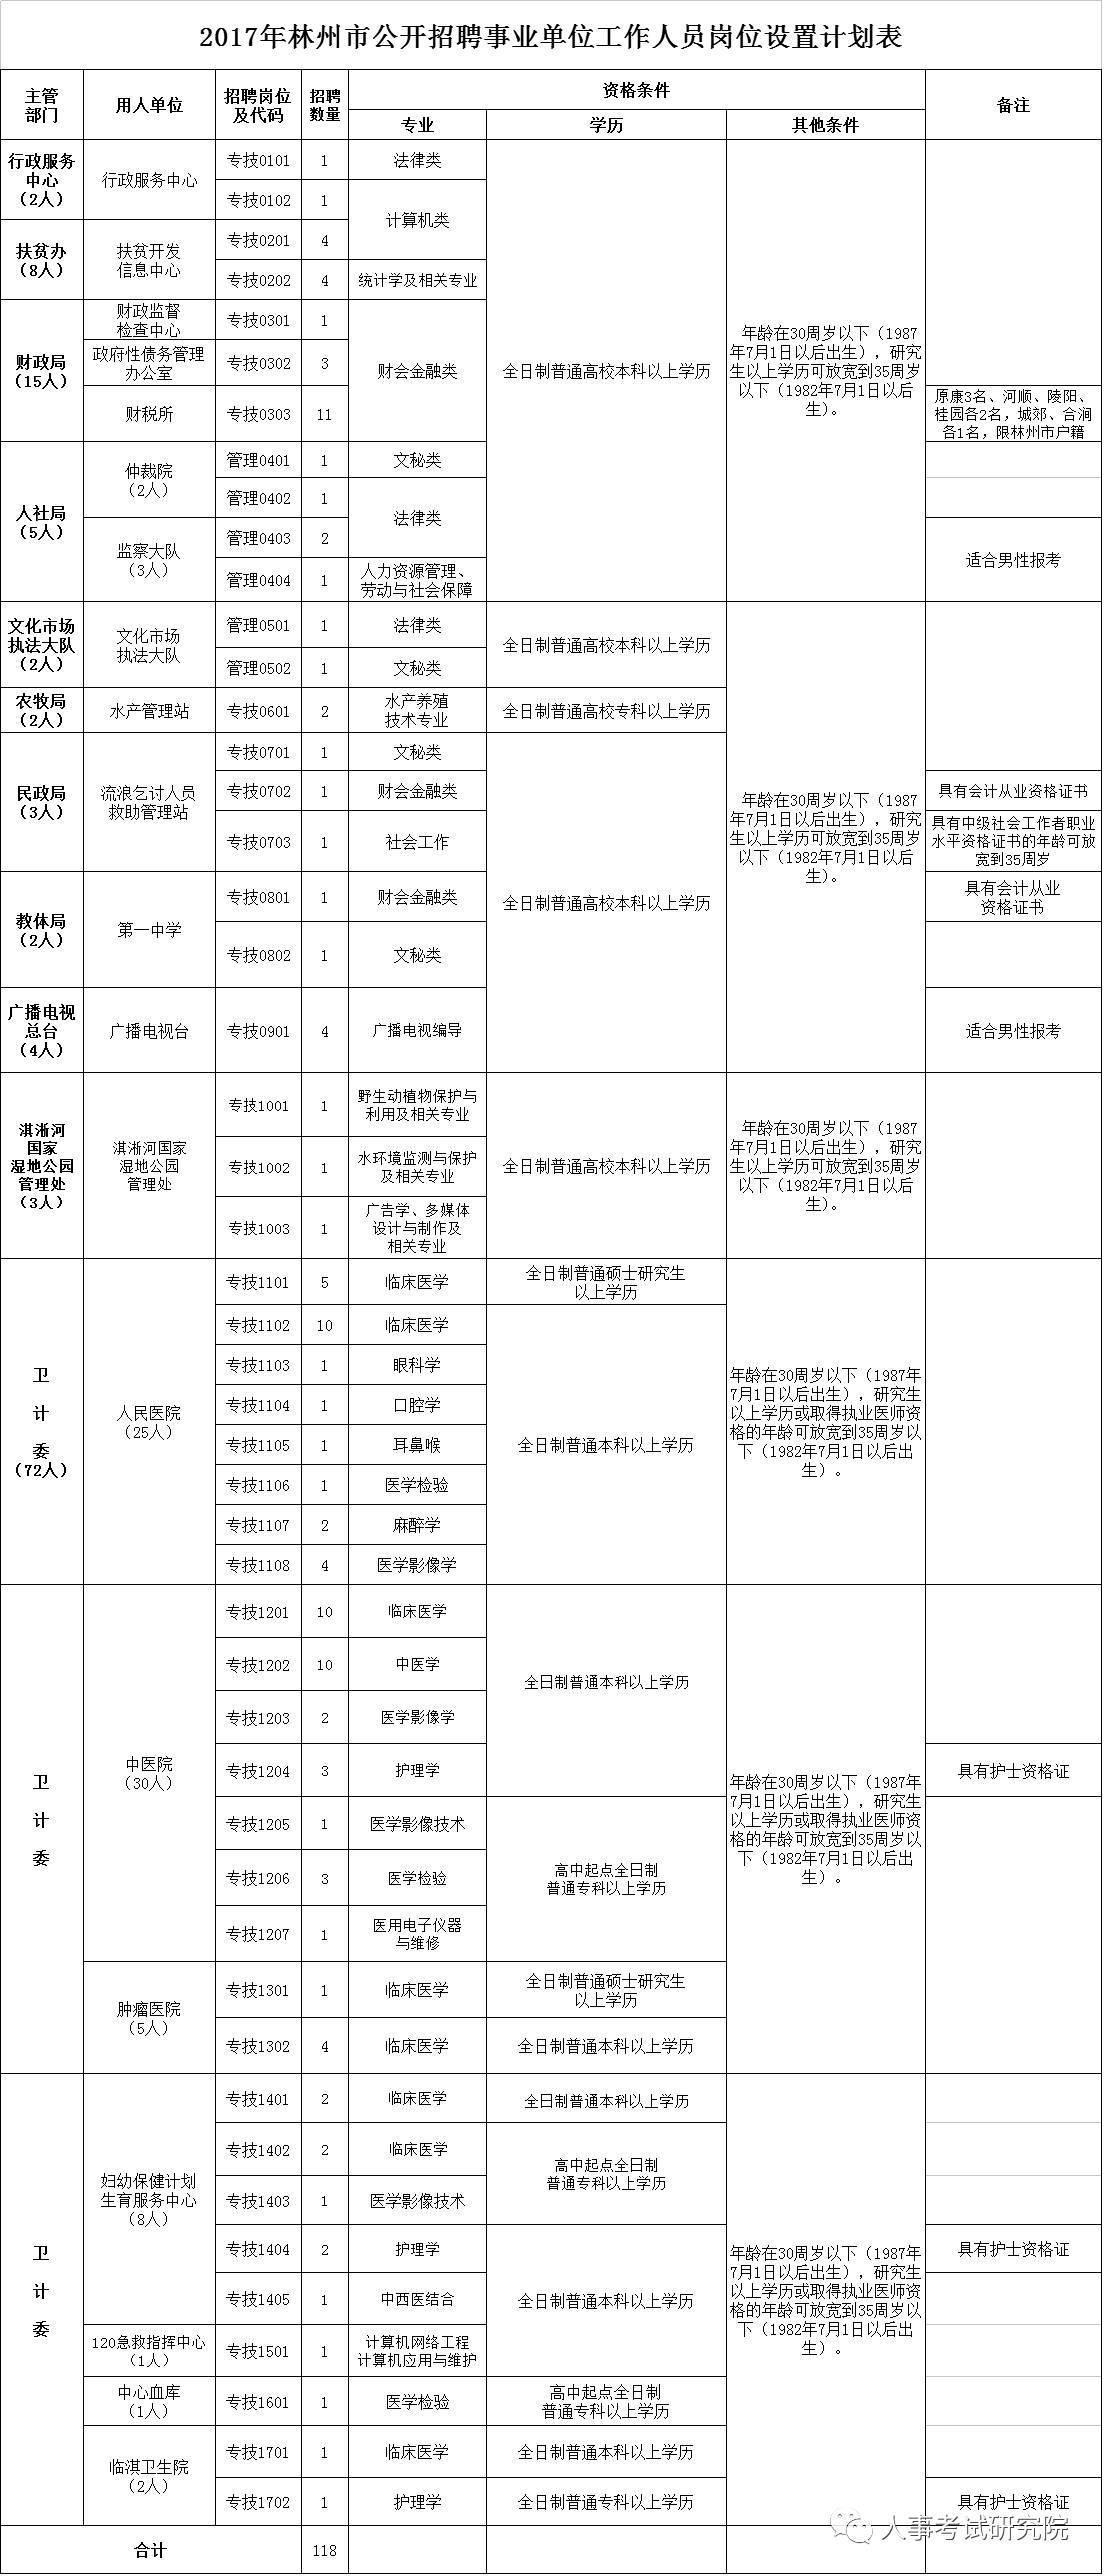 林州市人口普查公示_人口普查